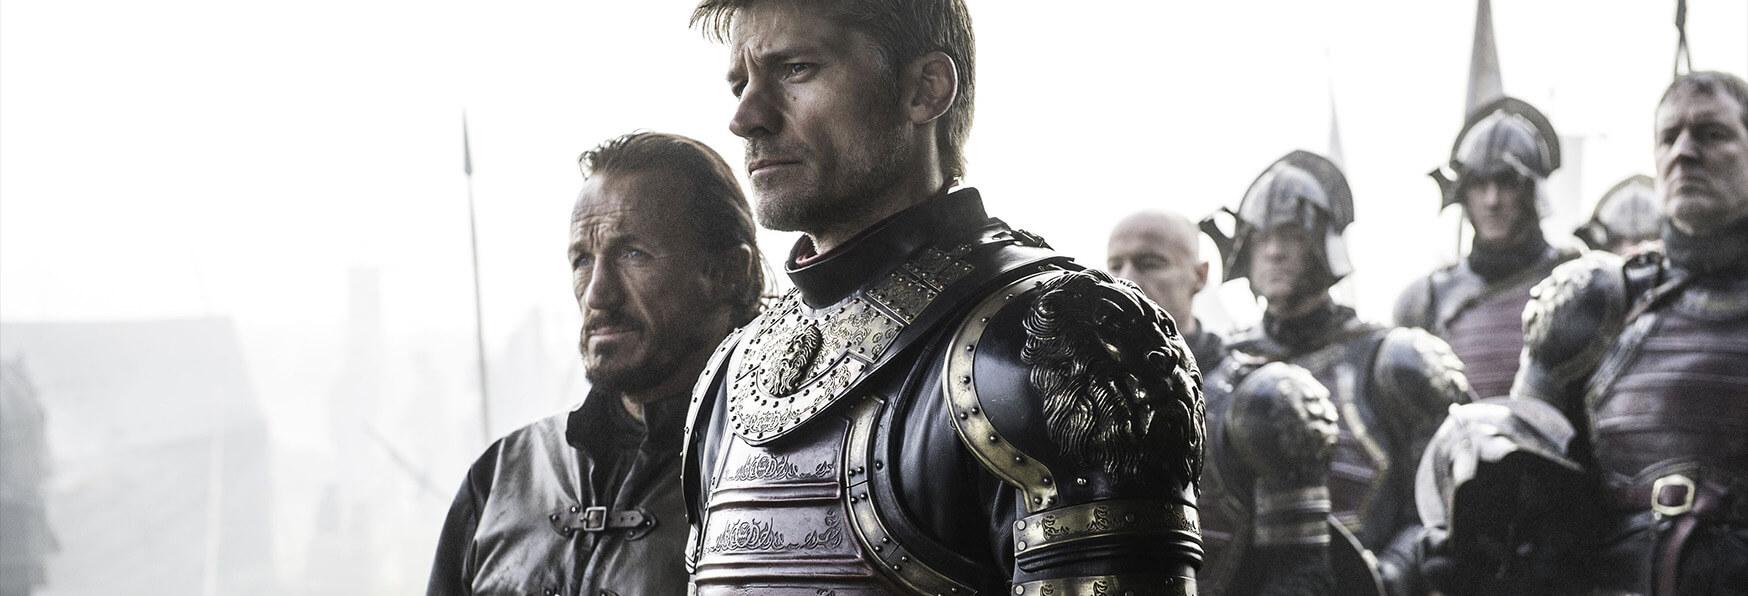 Nikolaj Coster-Waldau: il Finale di Game of Thrones sarà soddisfacente ma sorprendente